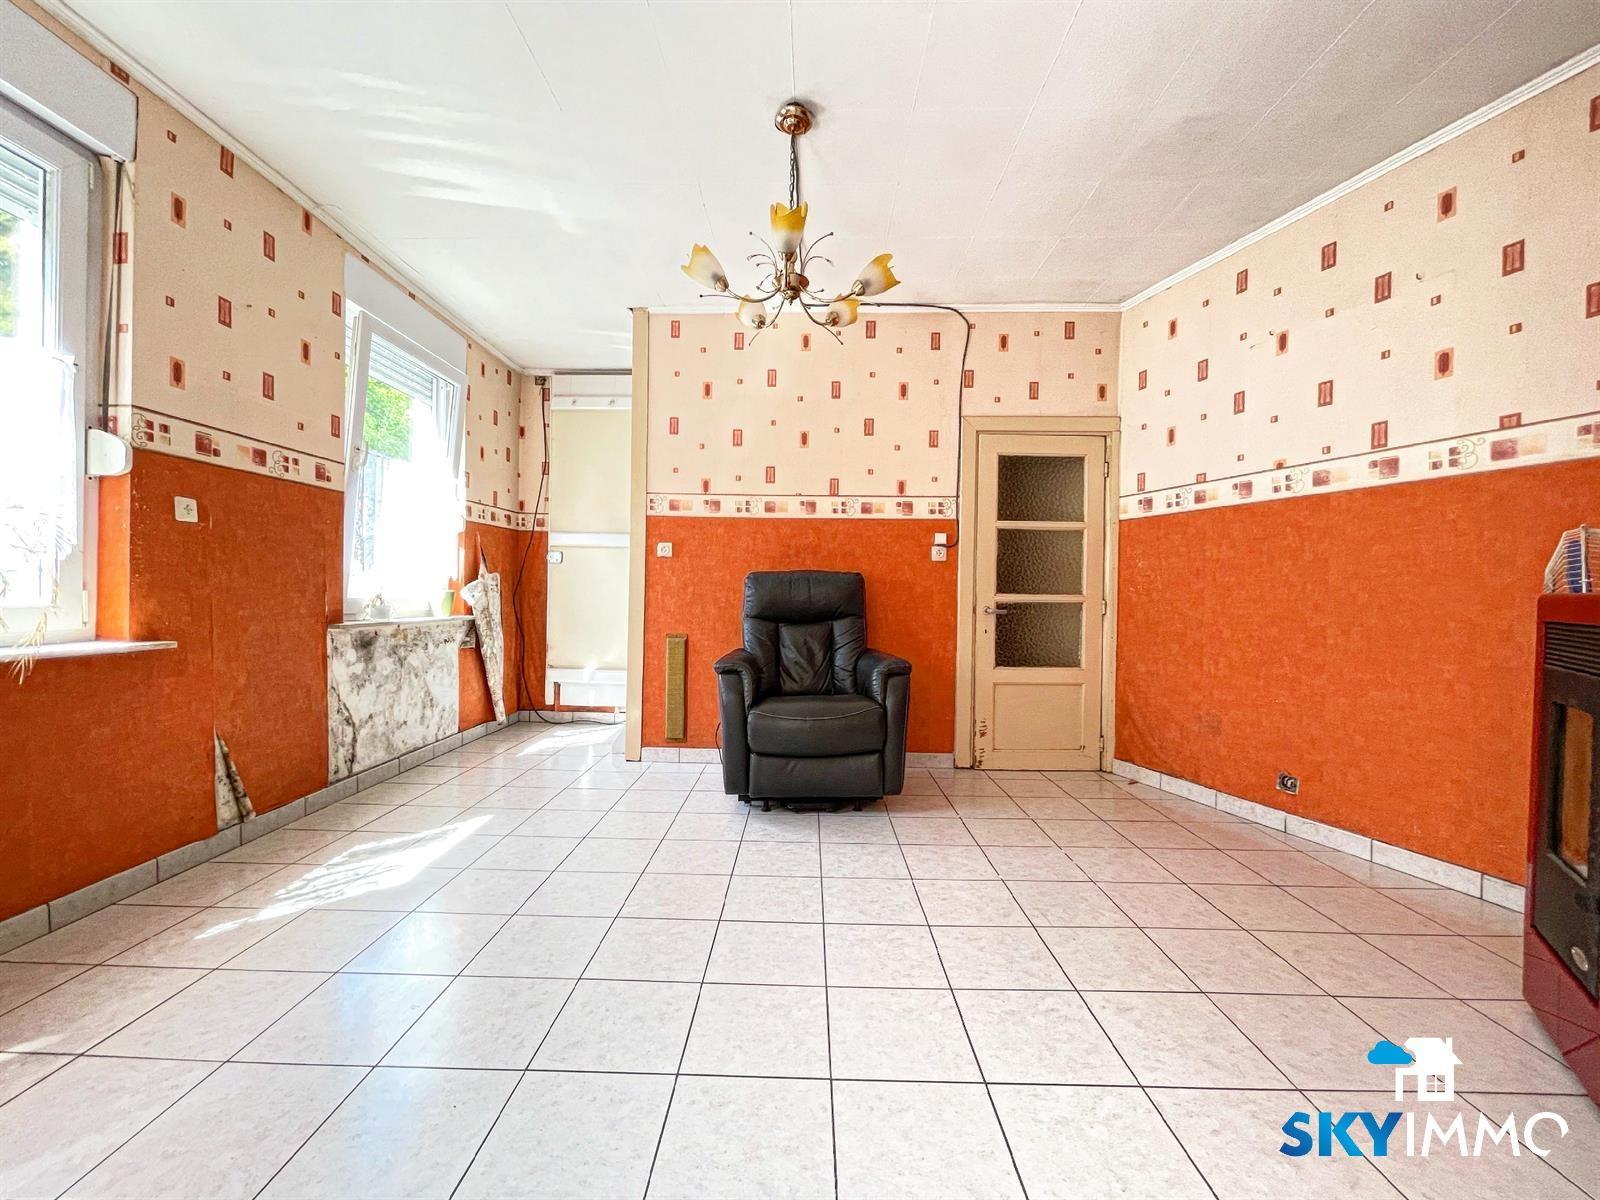 Maison - Seraing - #4381541-6